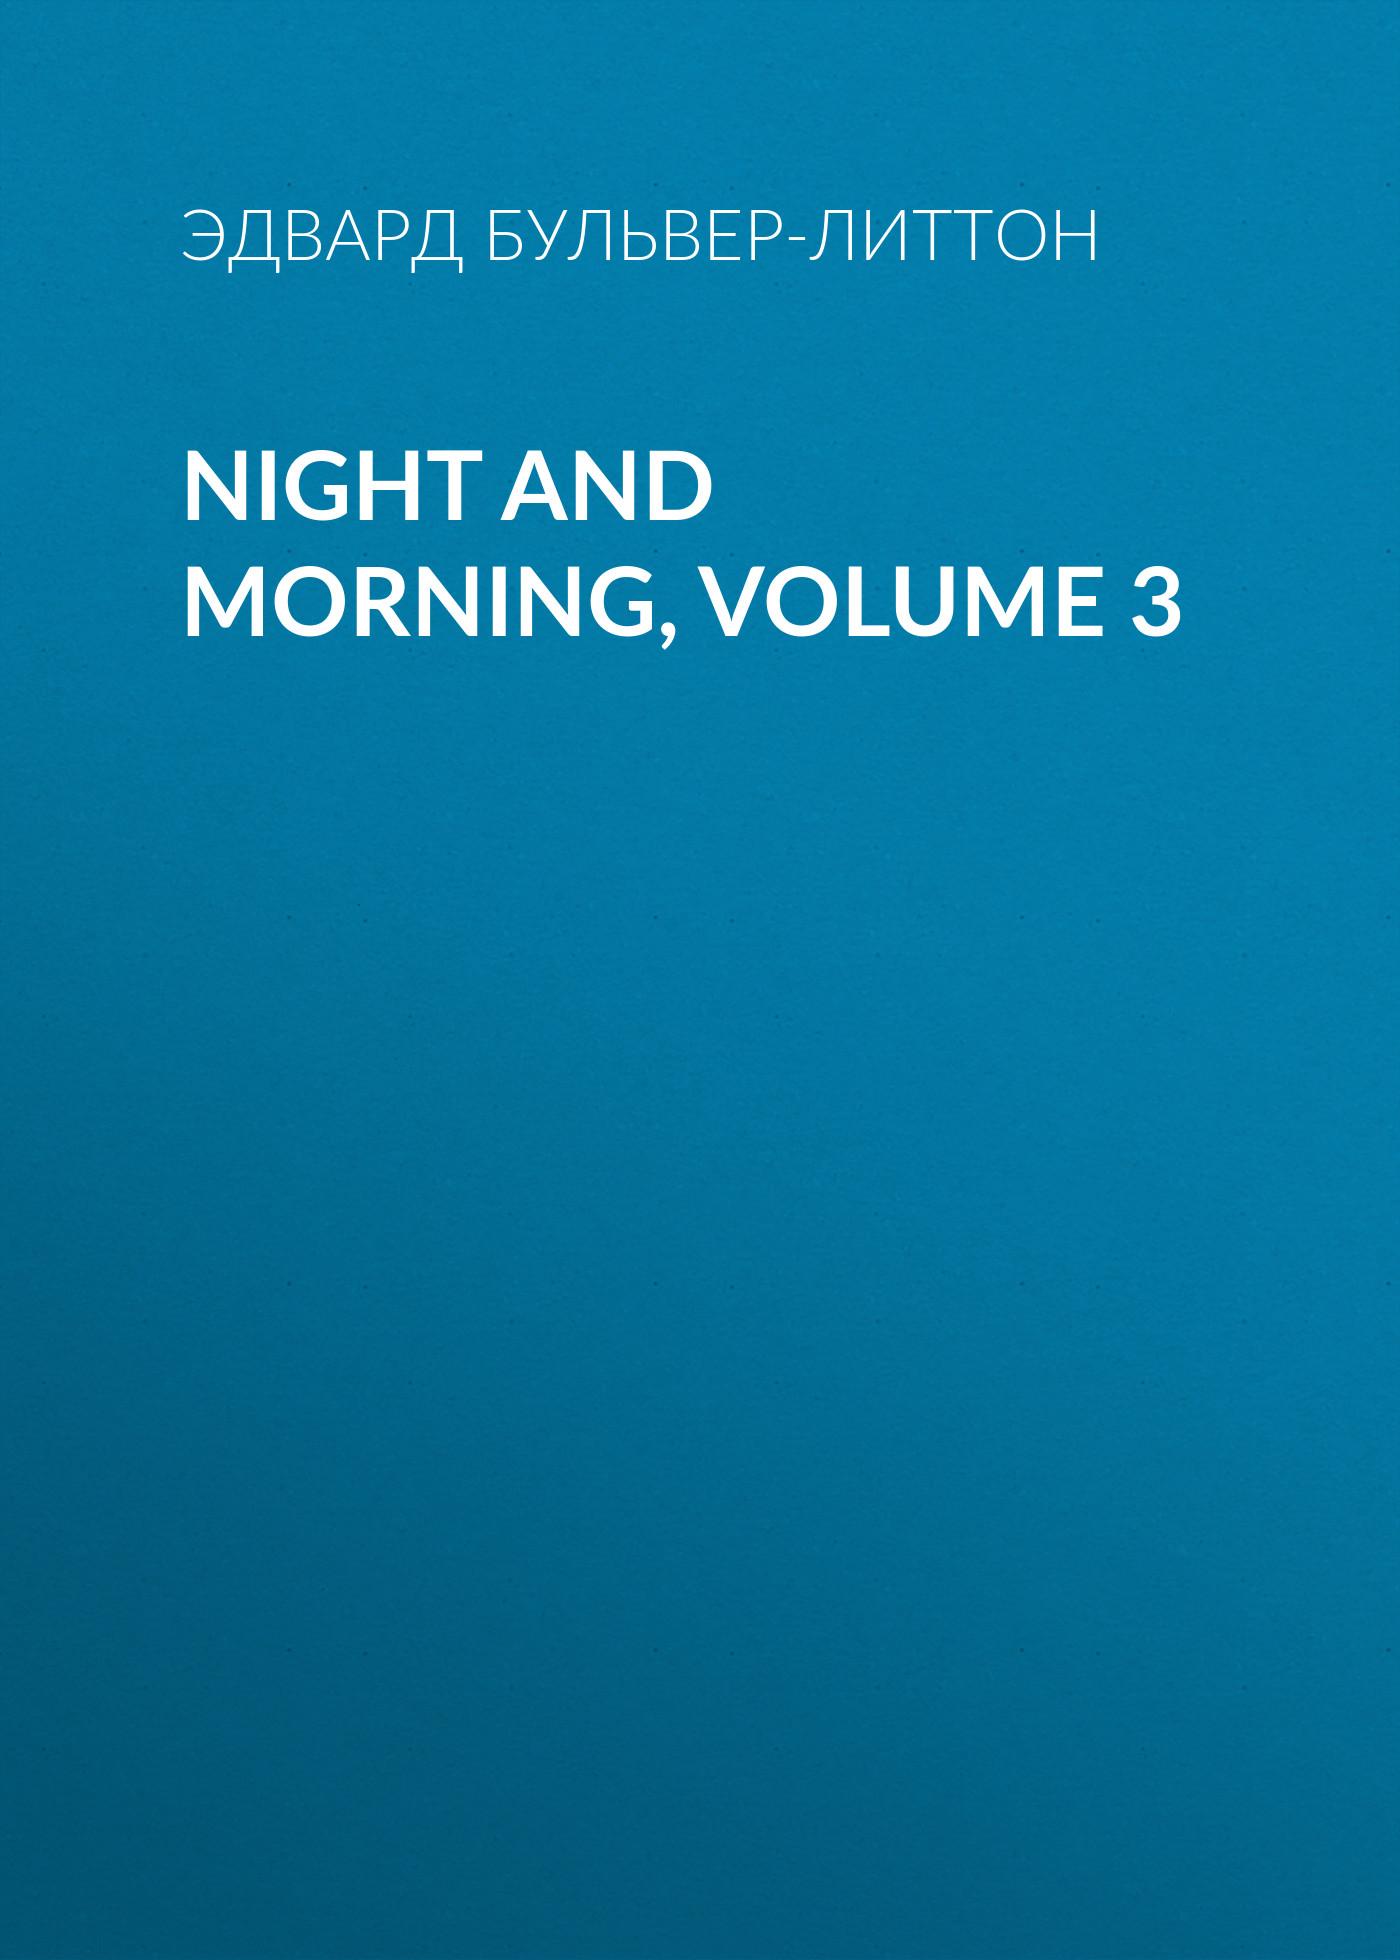 Night and Morning, Volume 3 ( Эдвард Бульвер-Литтон  )